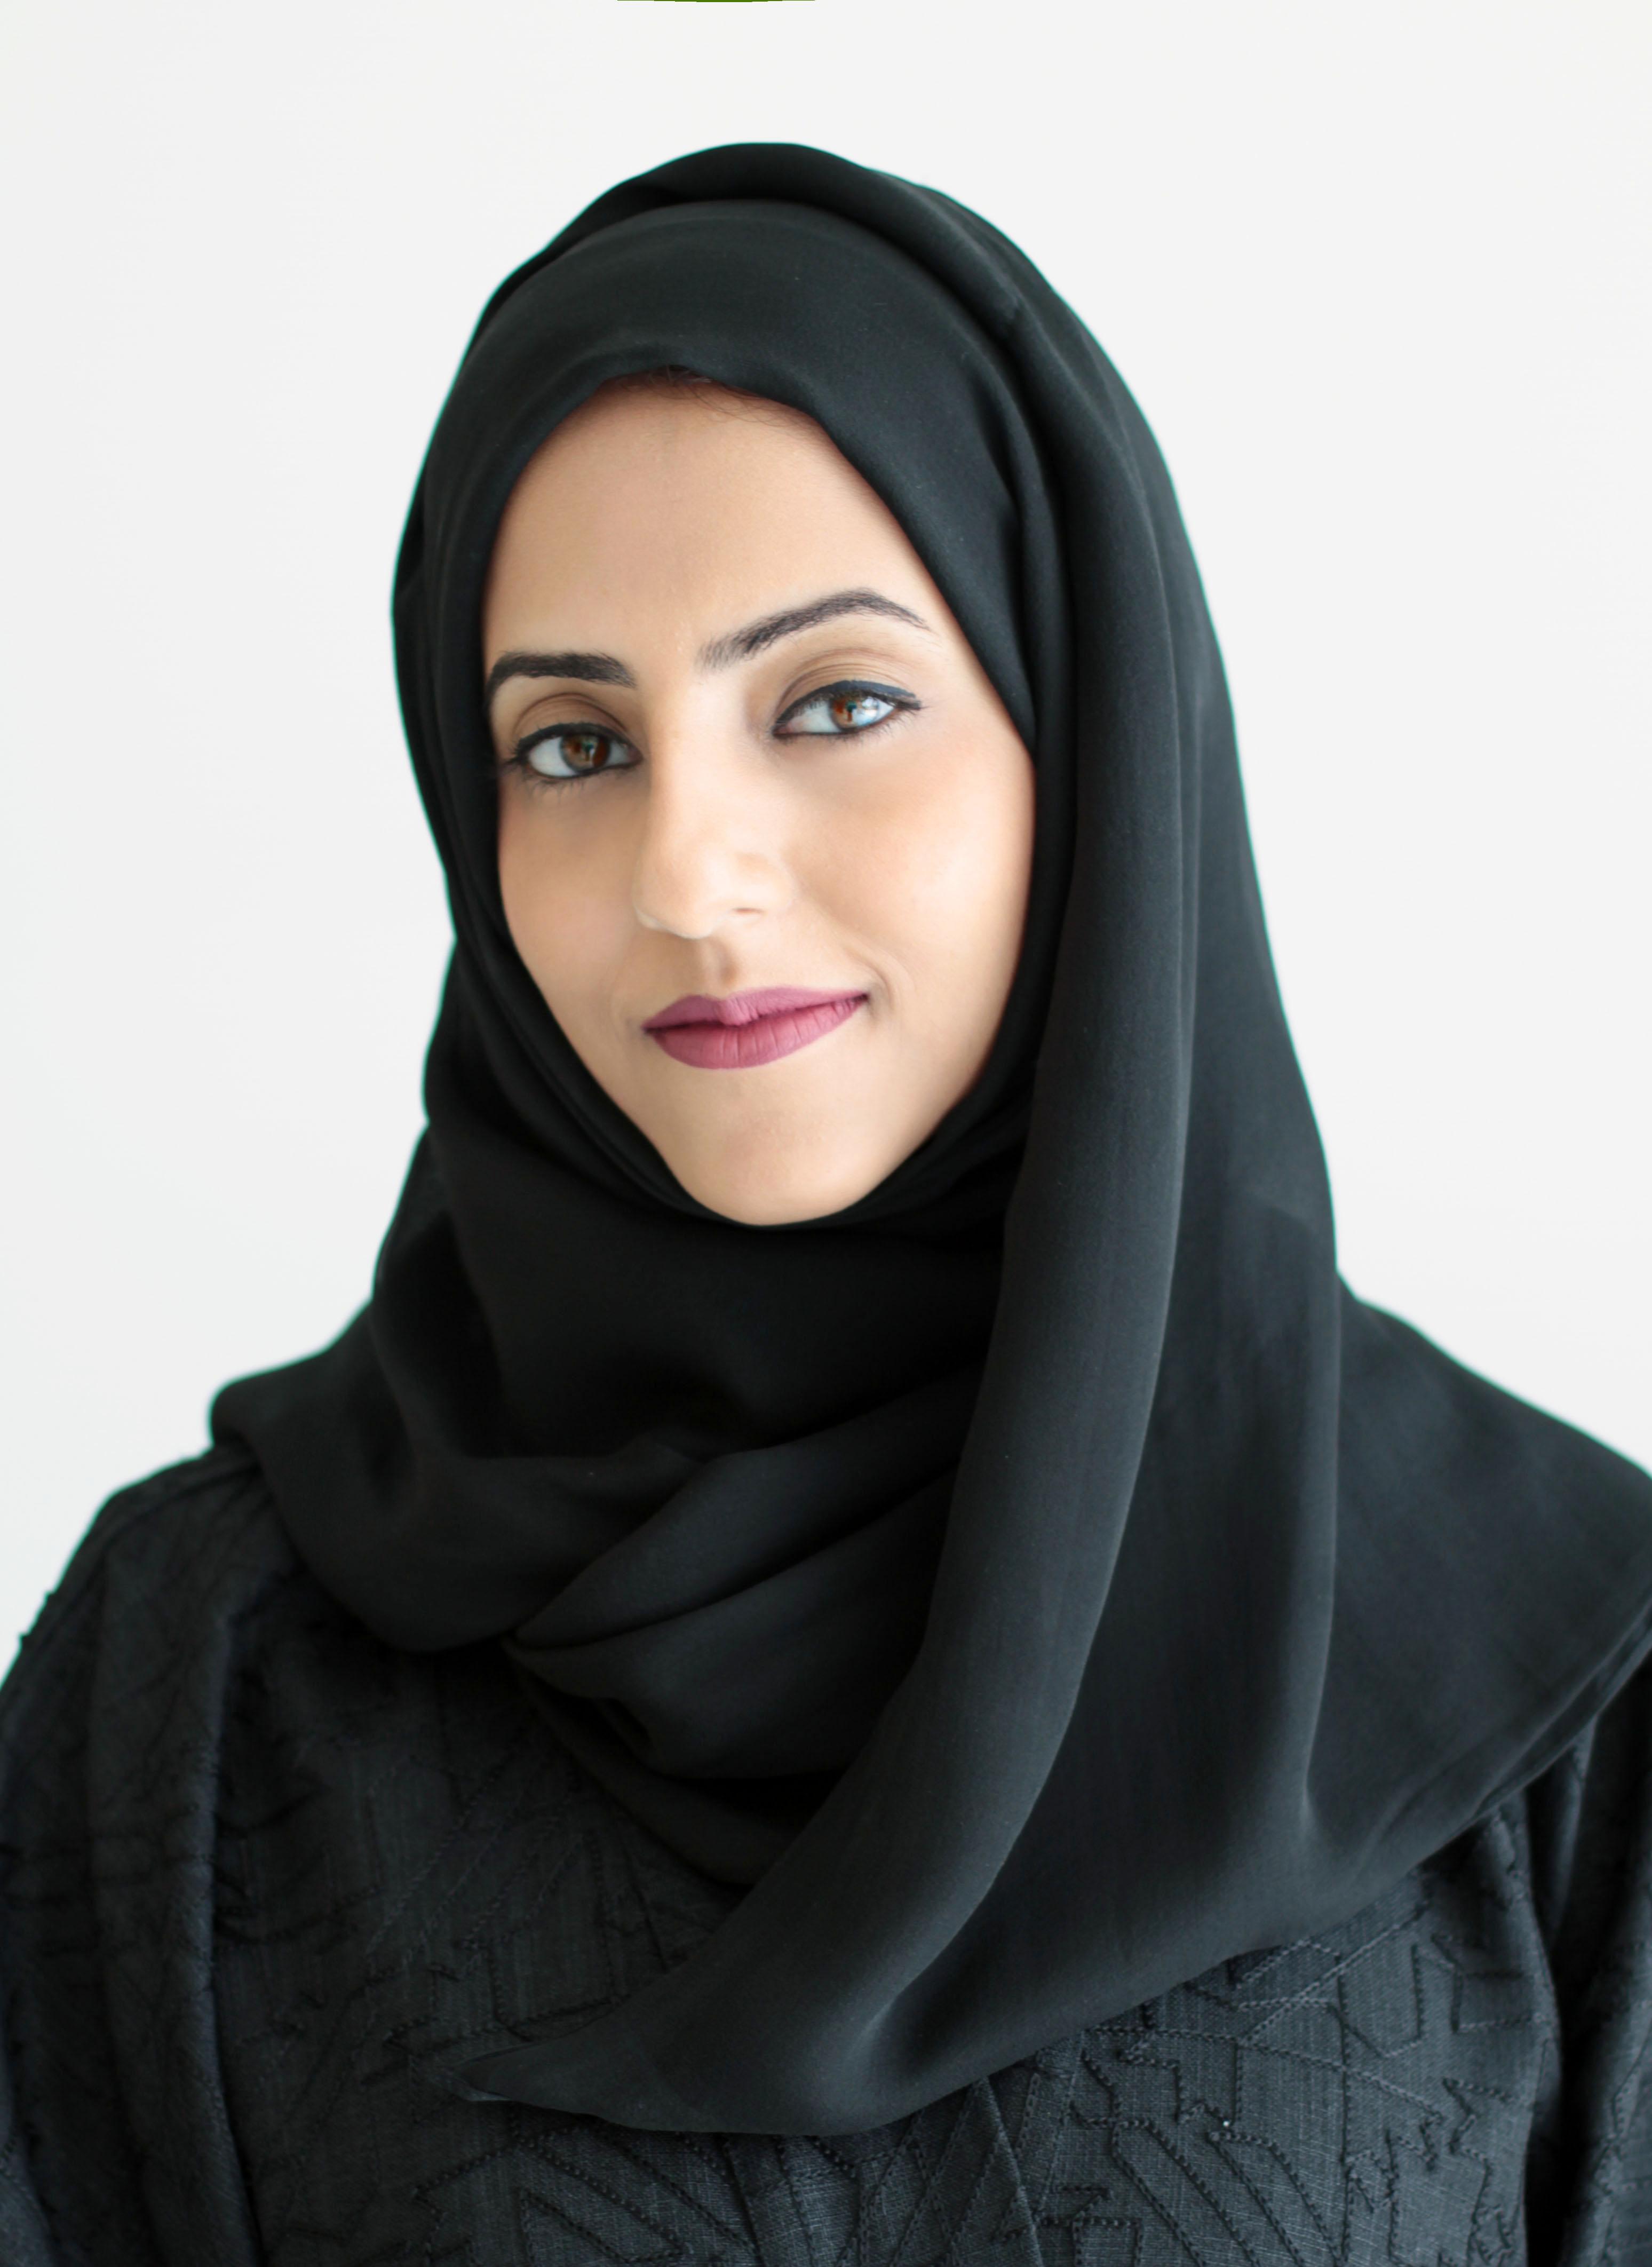 الشيخة جواهر بنت عبد الله القاسمي